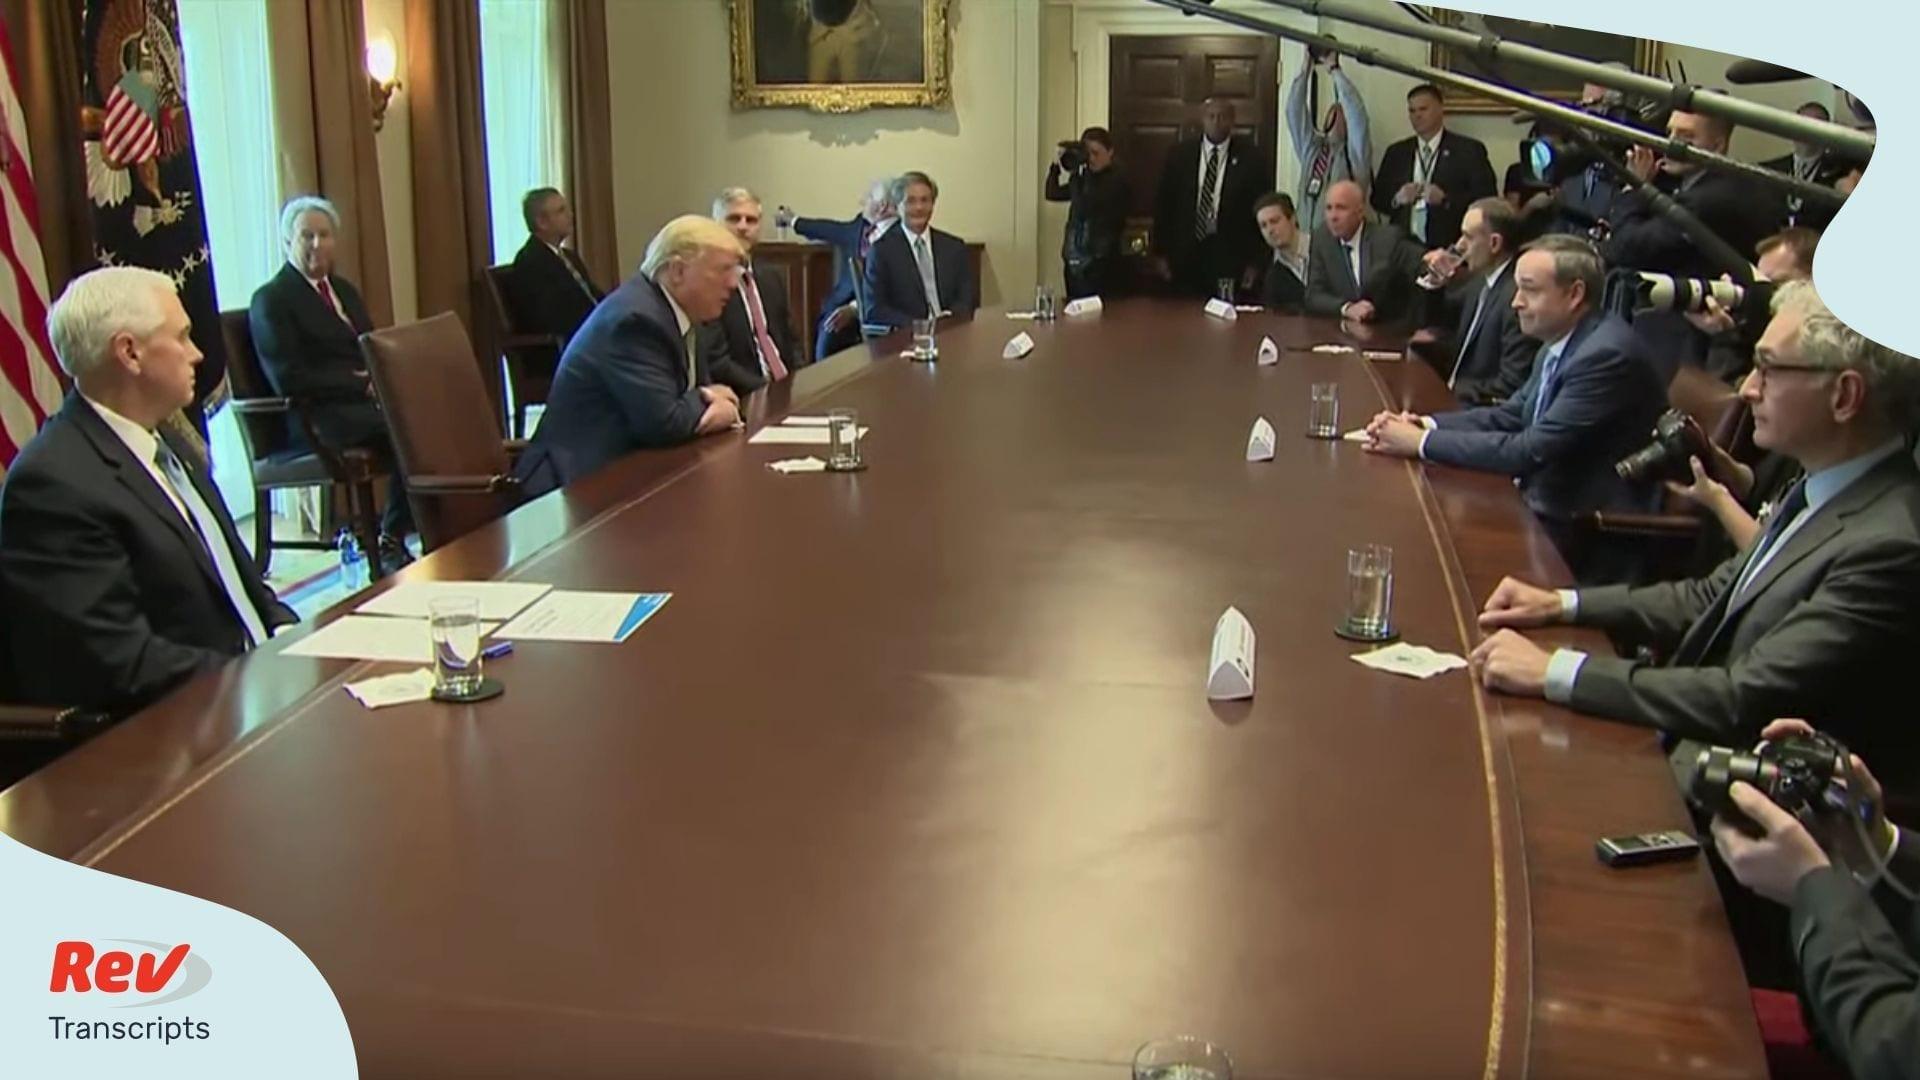 Donald Trump Meeting Transcript with Tourism Executives